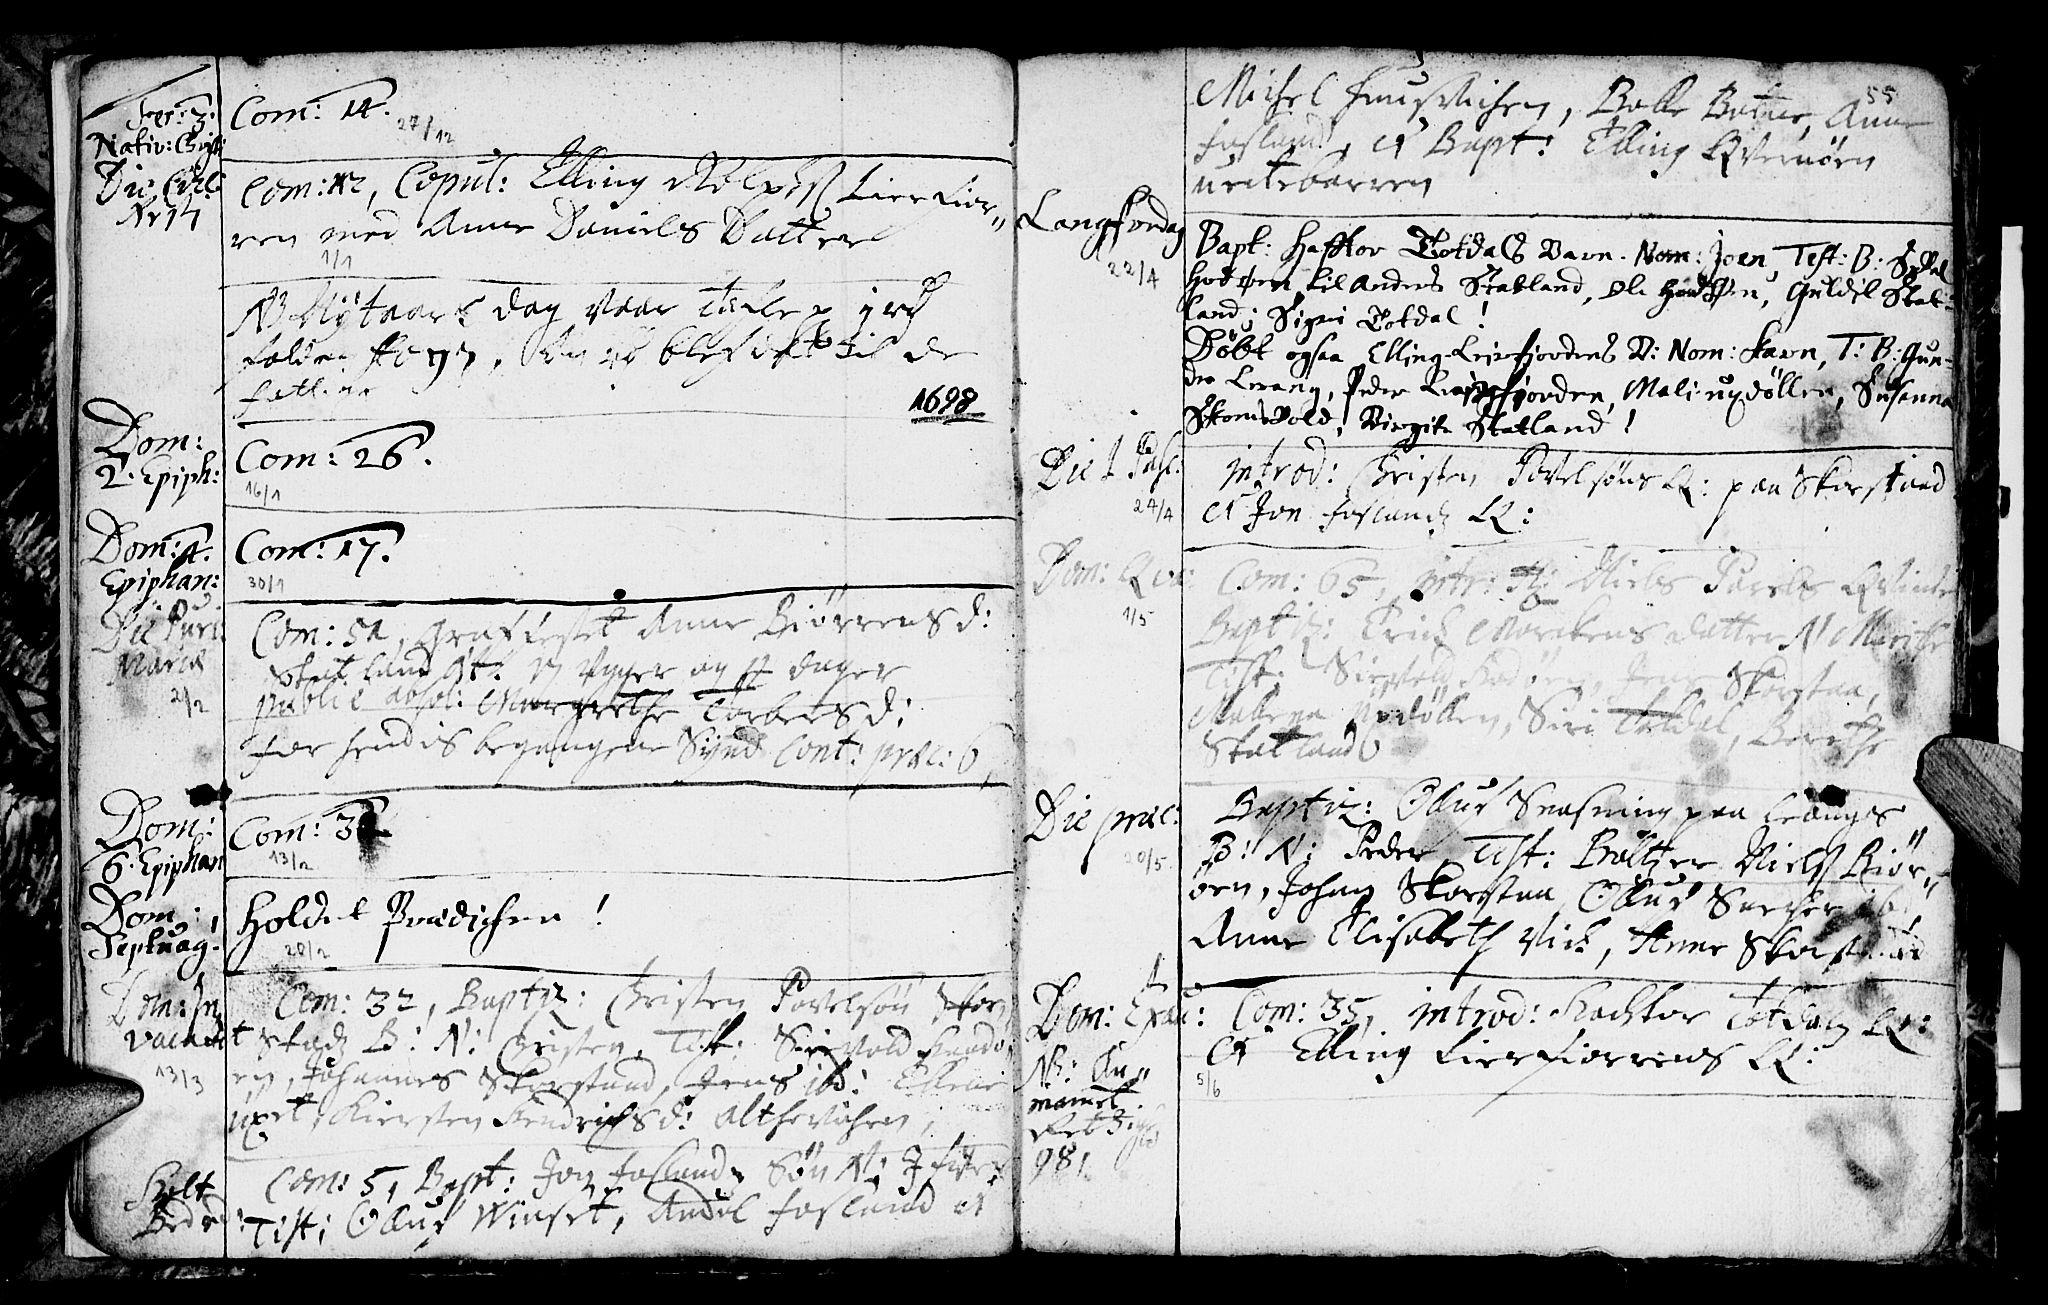 SAT, Ministerialprotokoller, klokkerbøker og fødselsregistre - Nord-Trøndelag, 774/L0627: Ministerialbok nr. 774A01, 1693-1738, s. 54-55